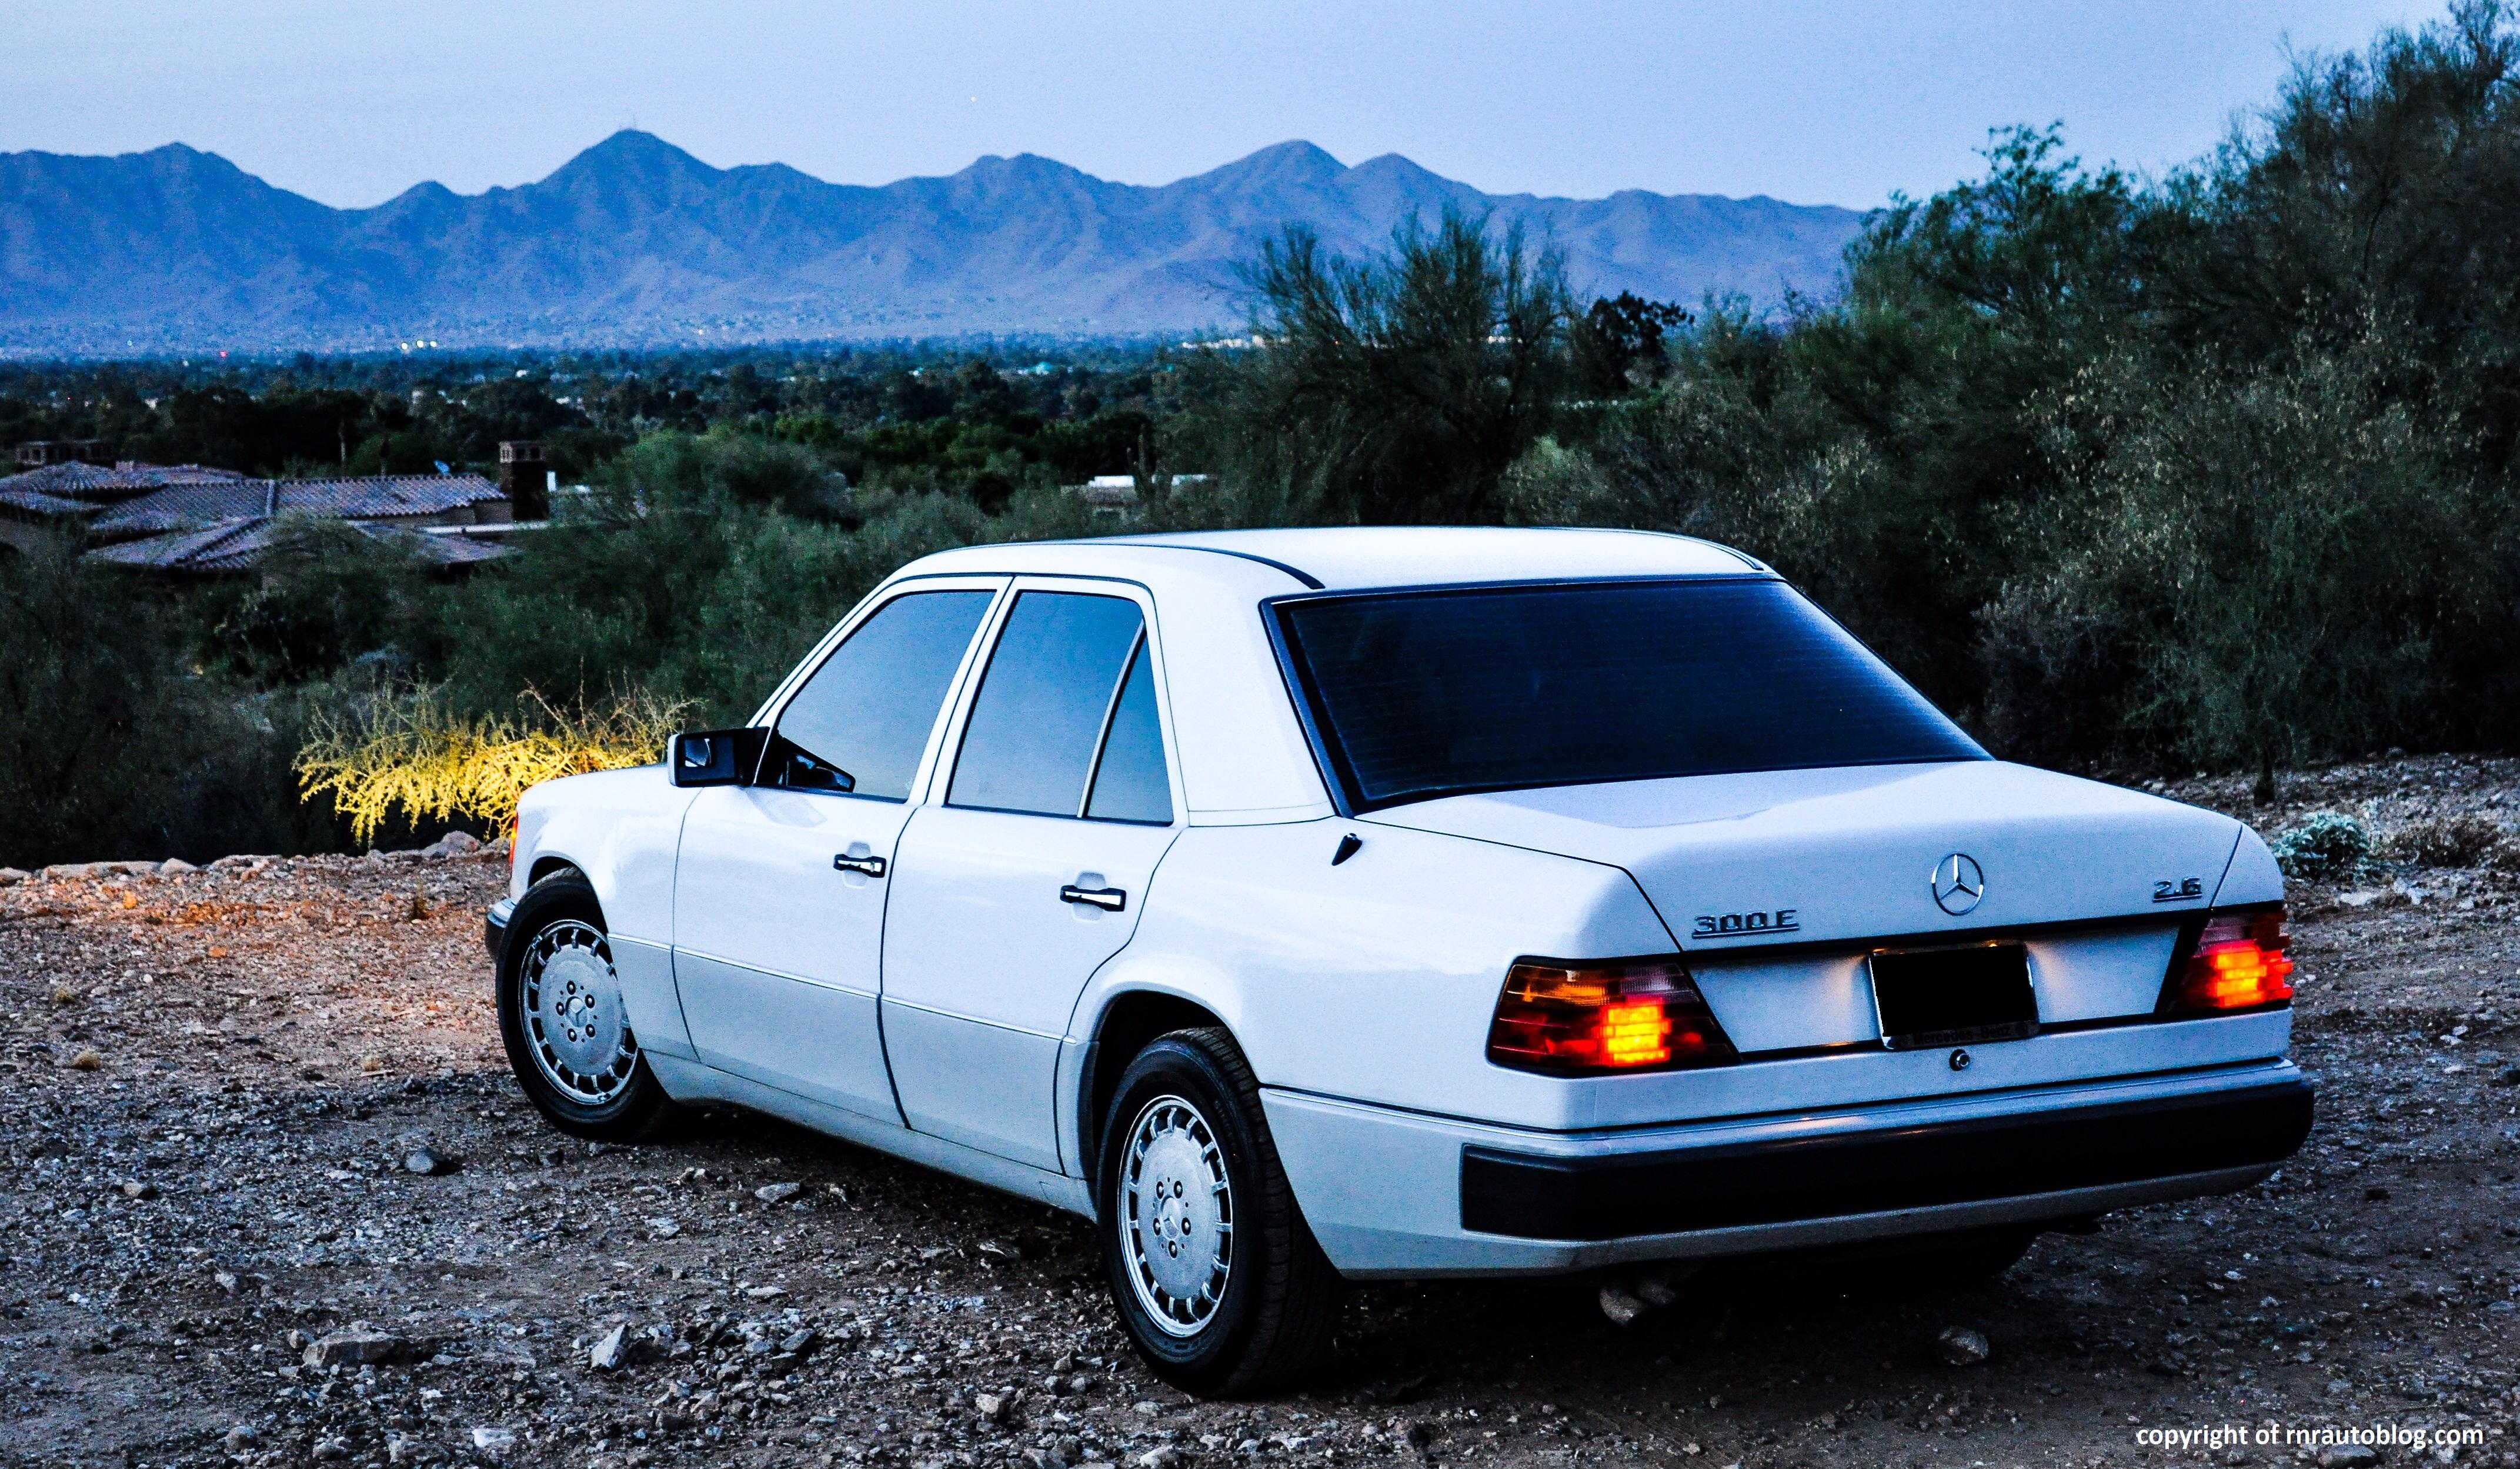 1990 MercedesBenz 300E 26 Review  RNR Automotive Blog